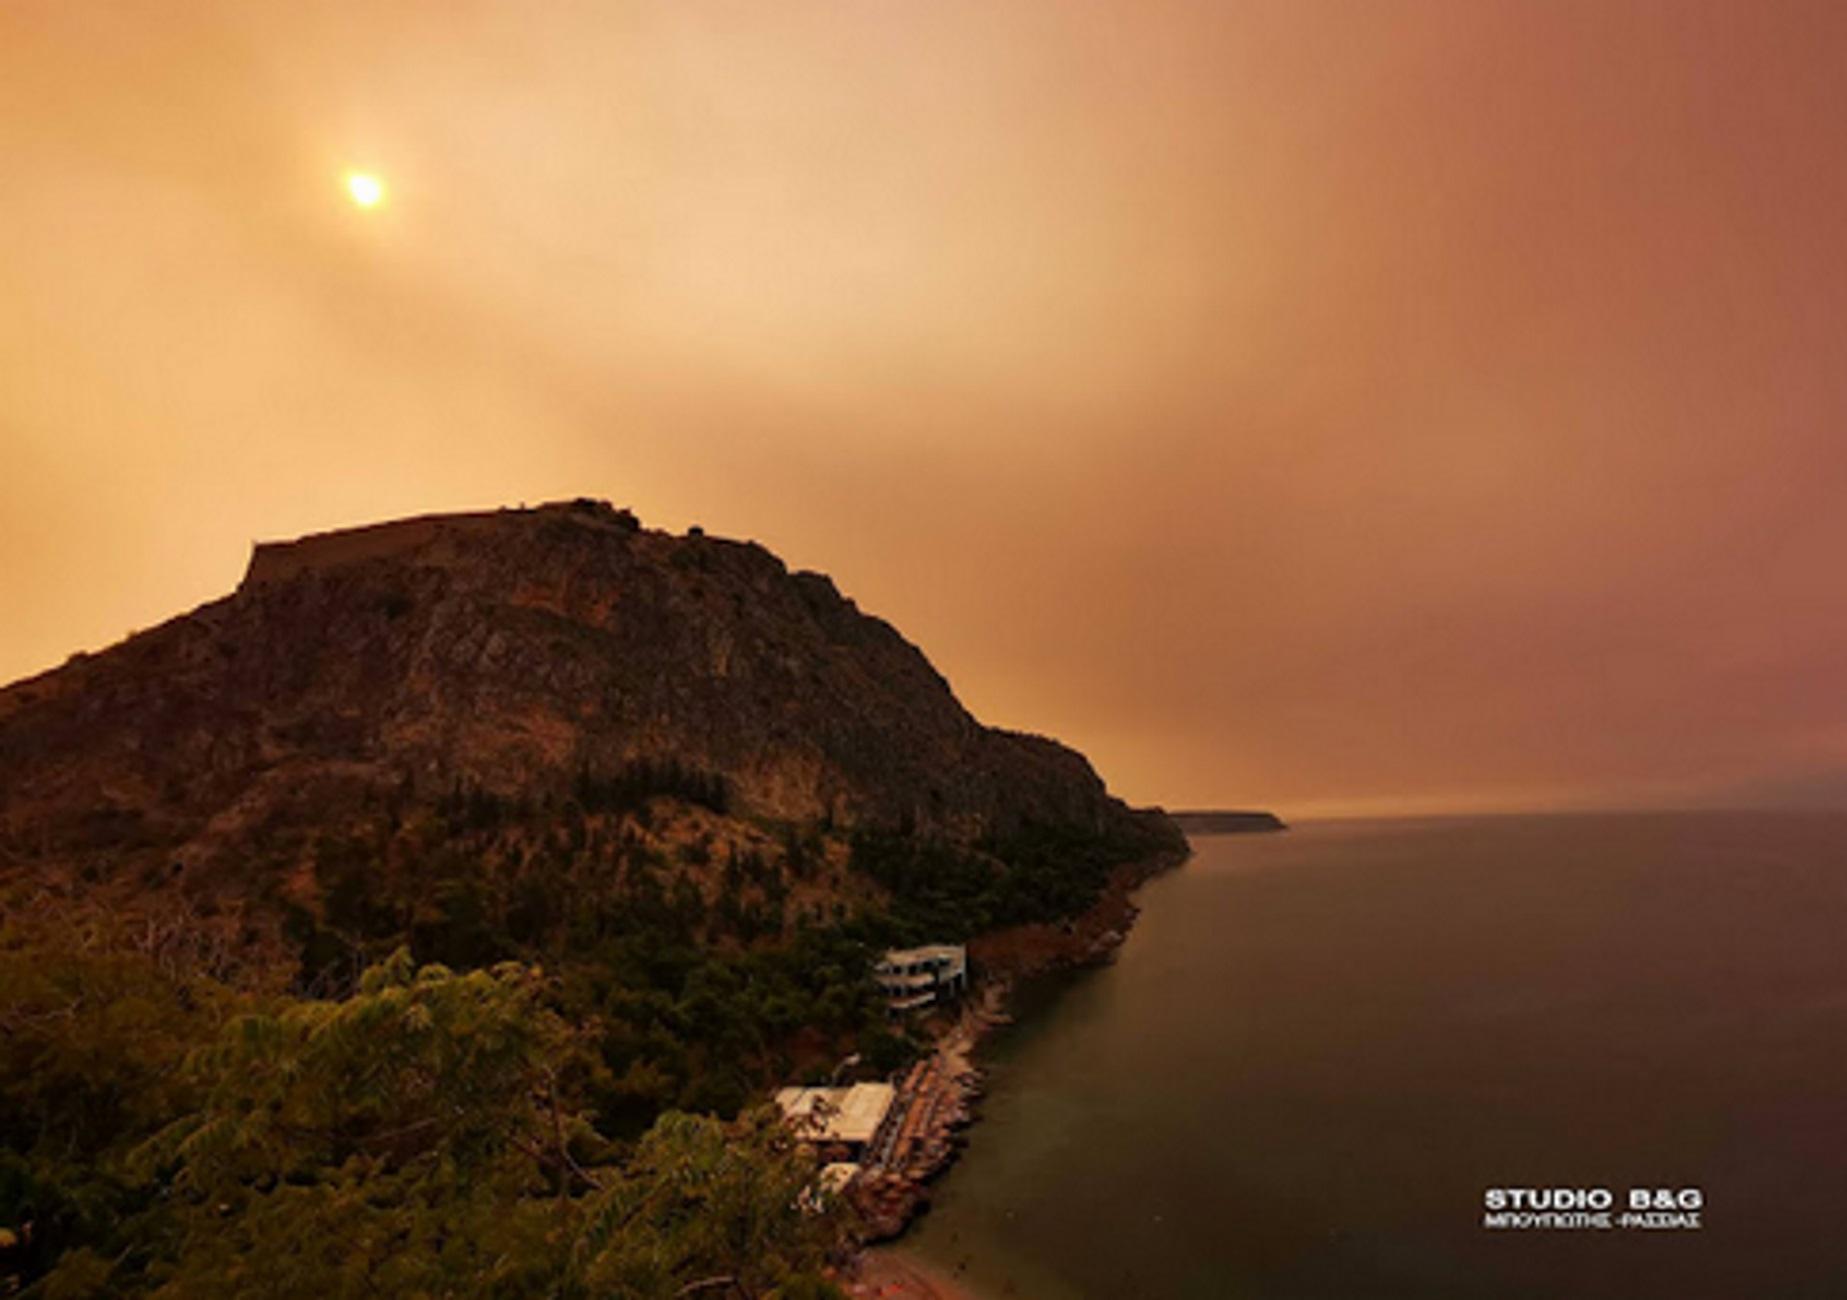 Φωτιά στα Βίλια: Ο καπνός έφτασε και σκέπασε την Αργολίδα – Αποπνικτική η ατμόσφαιρα